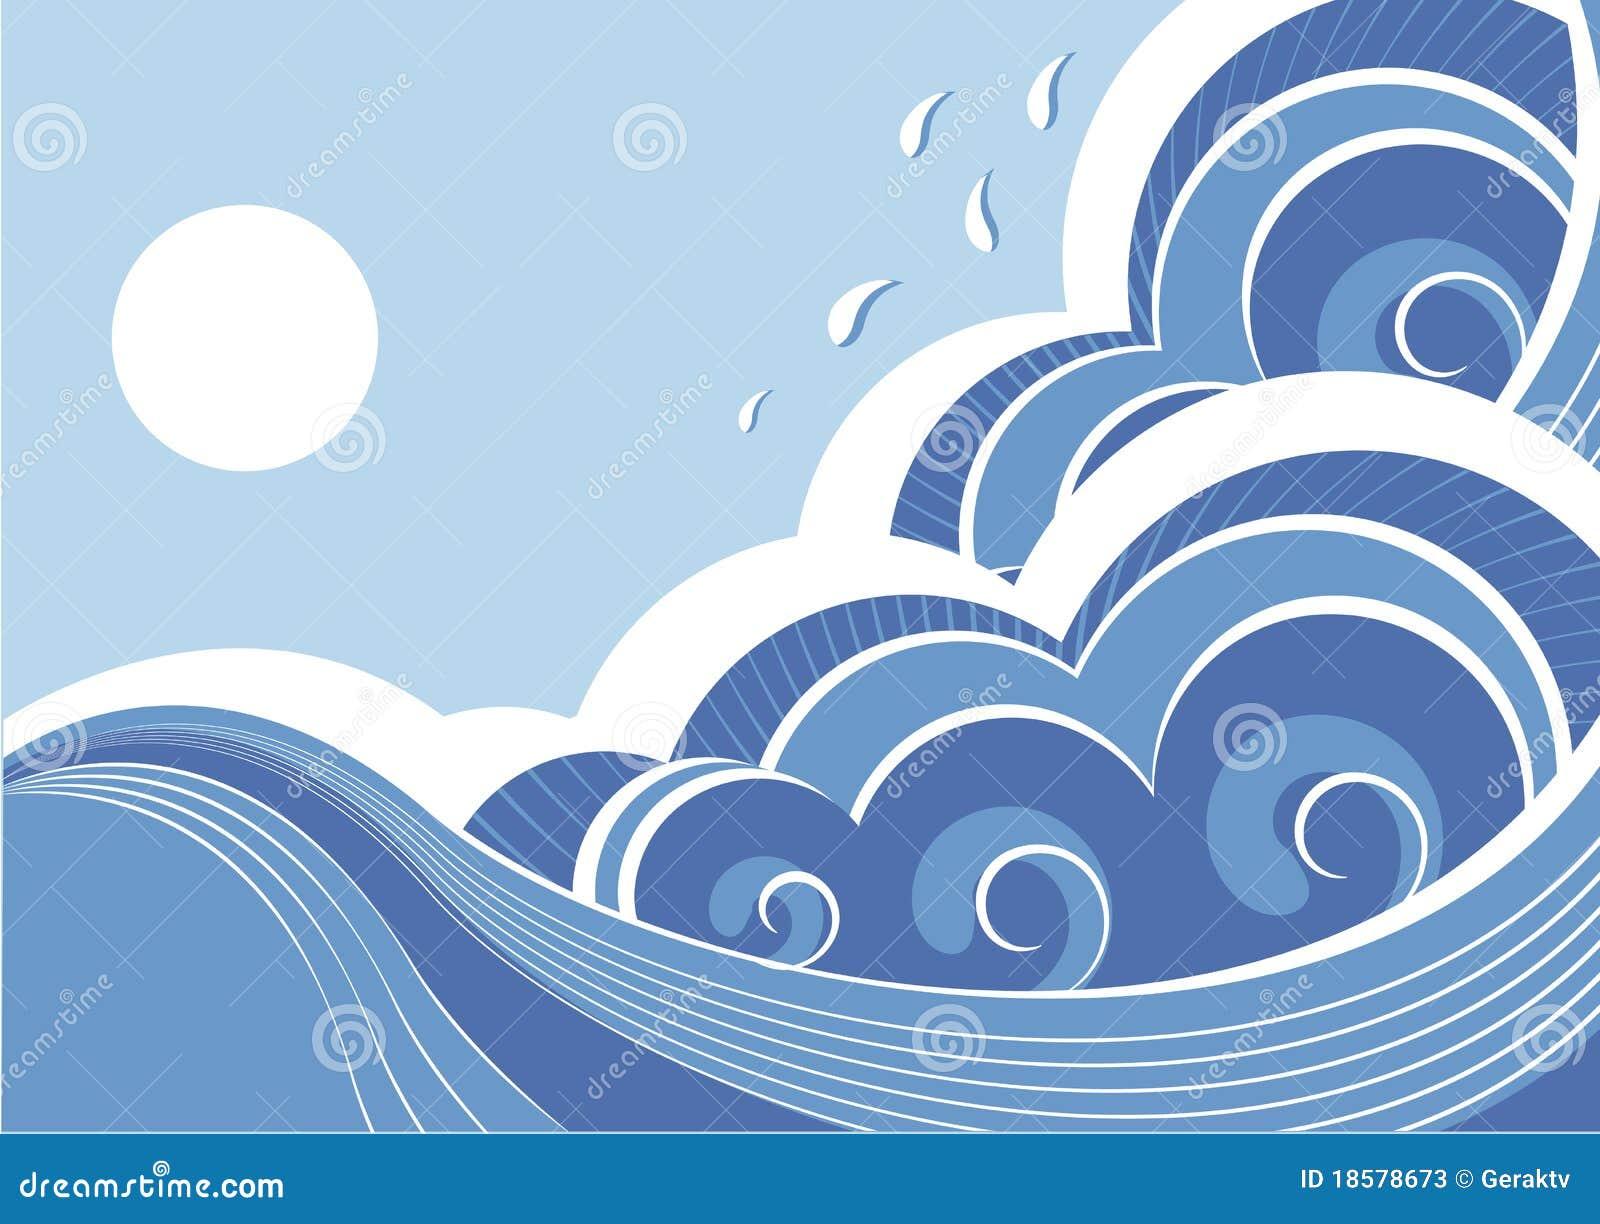 Abstrakte Seewellen. Vektor